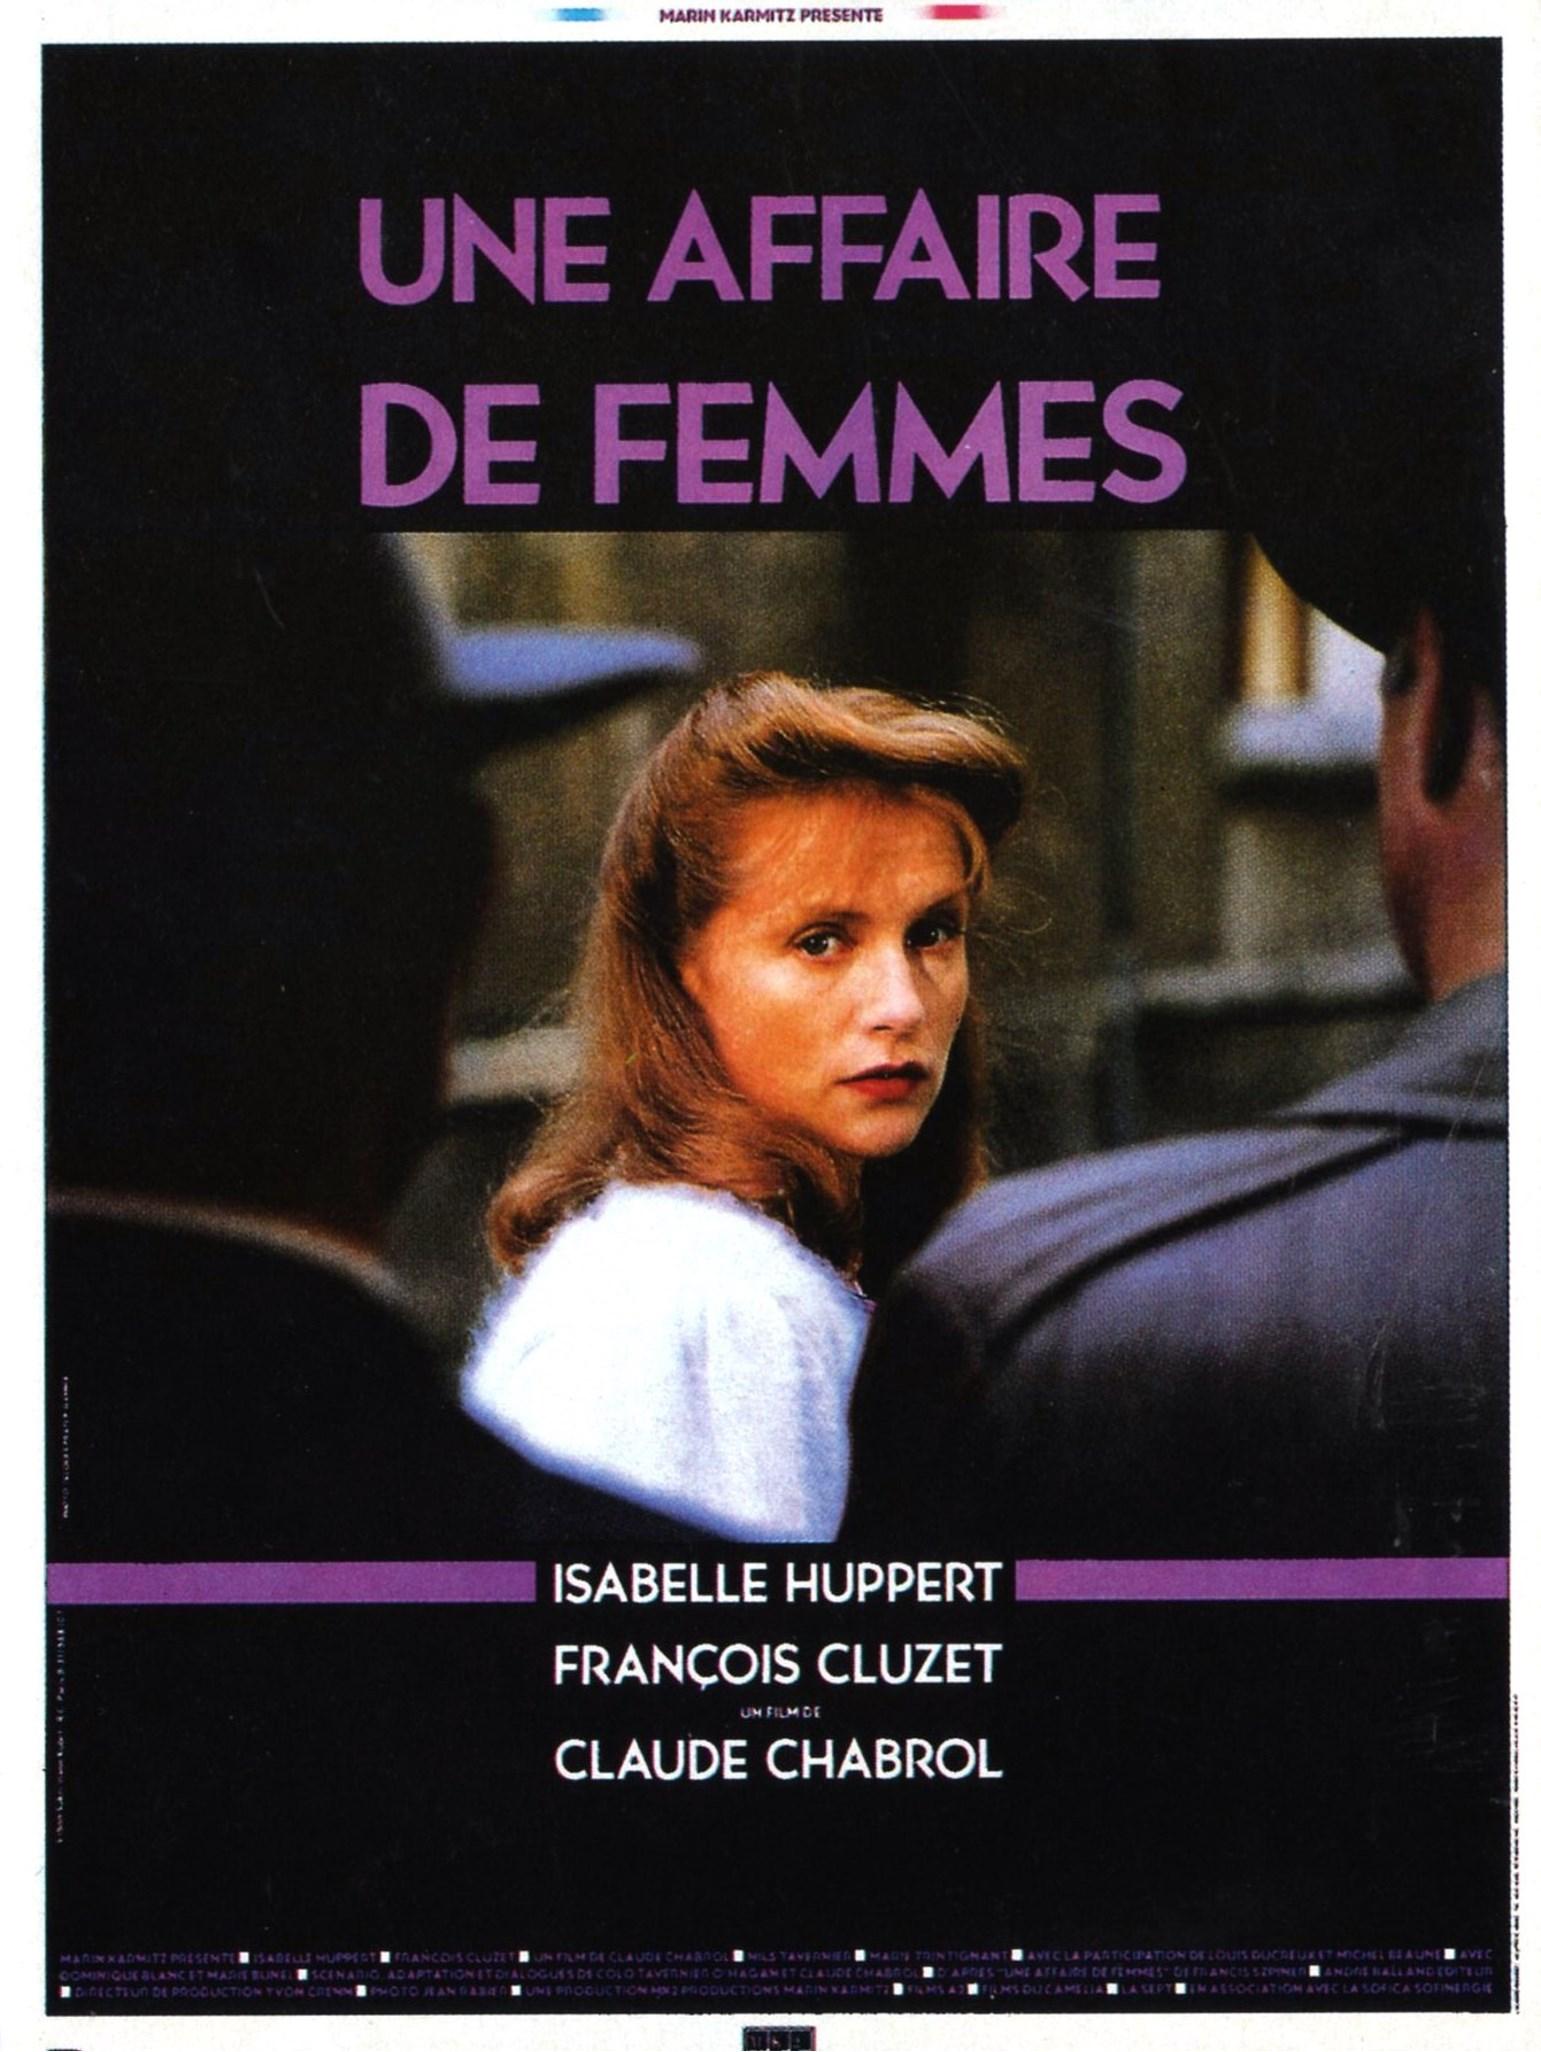 affiche du film Une affaire de femmes